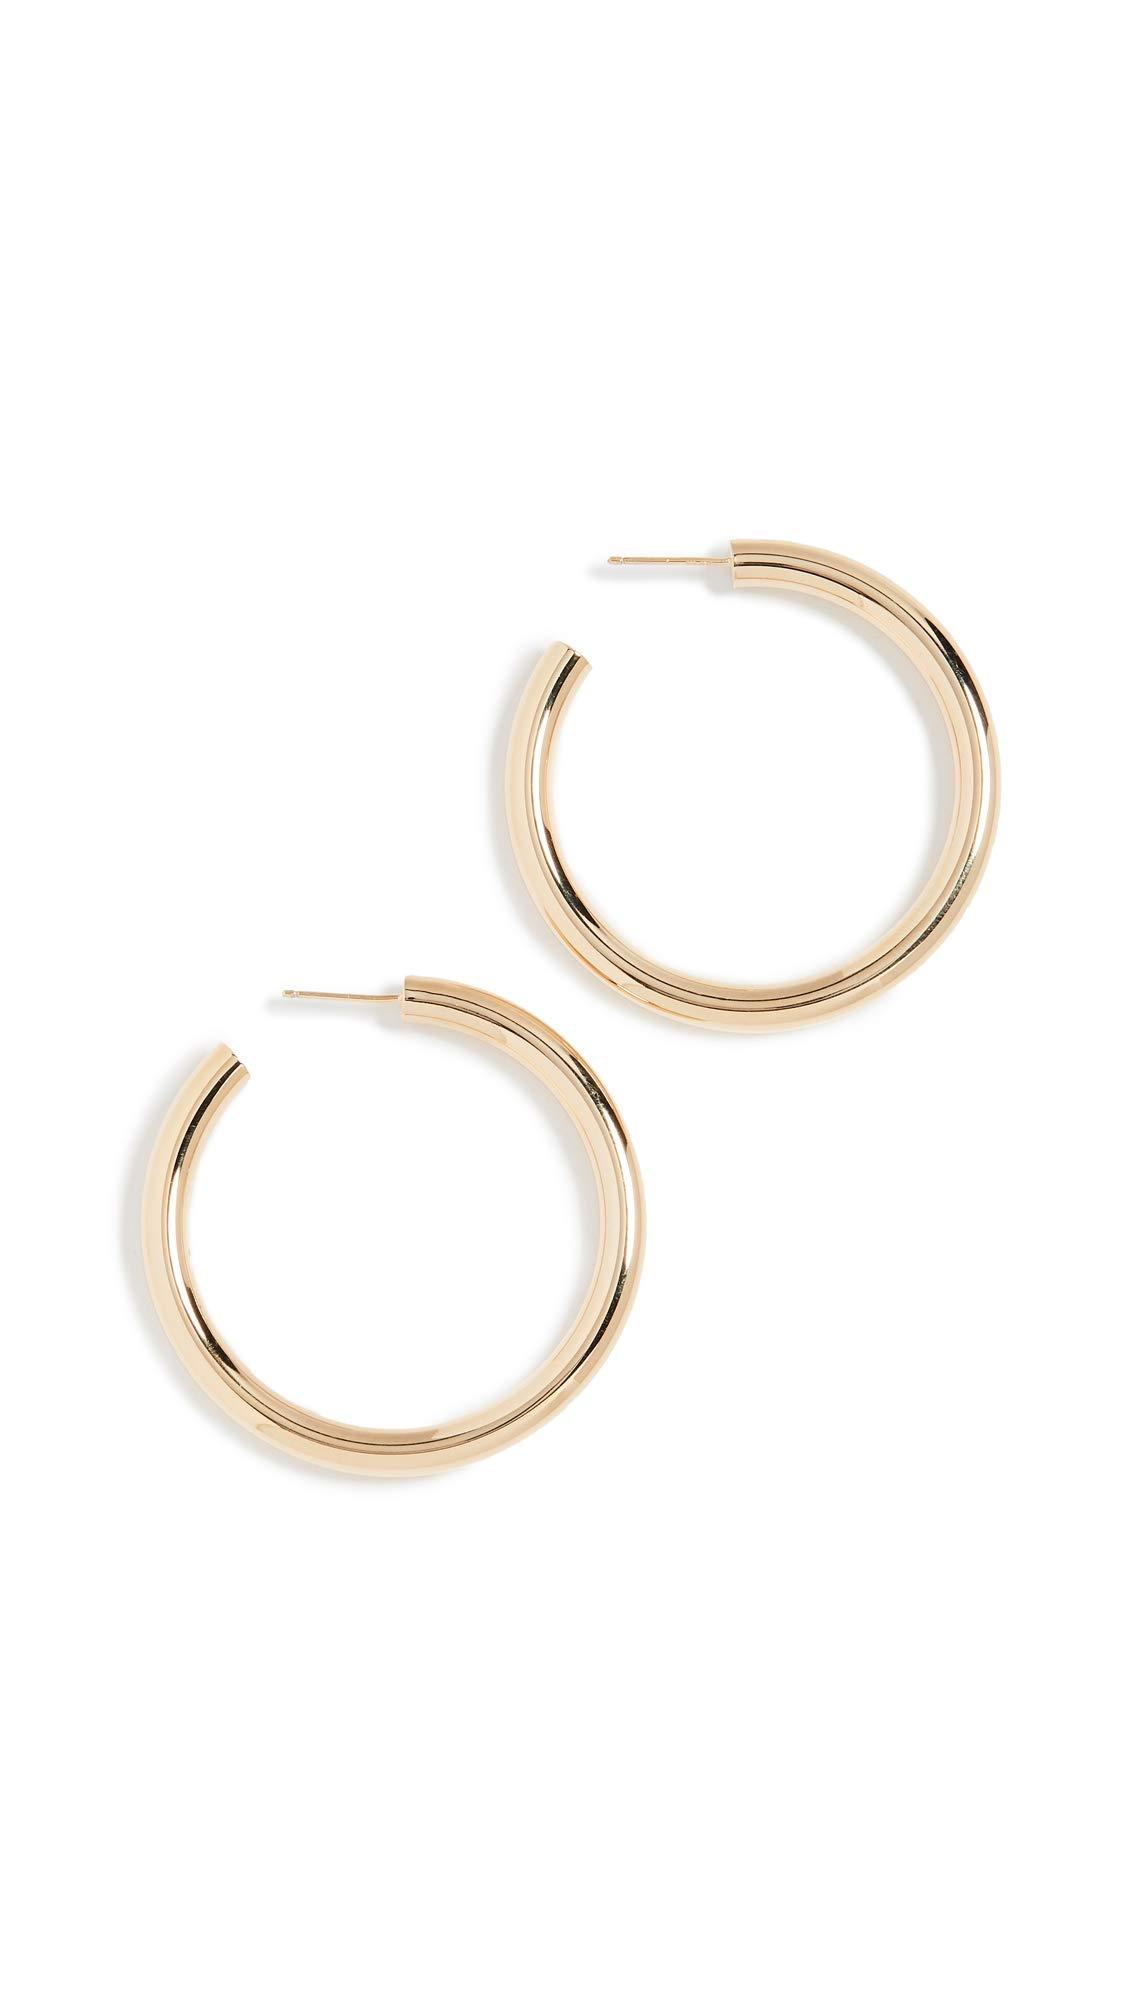 Jennifer Zeuner Jewelry Women's Lou Medium Hoop Earrings, Yellow Vermeil, One Size